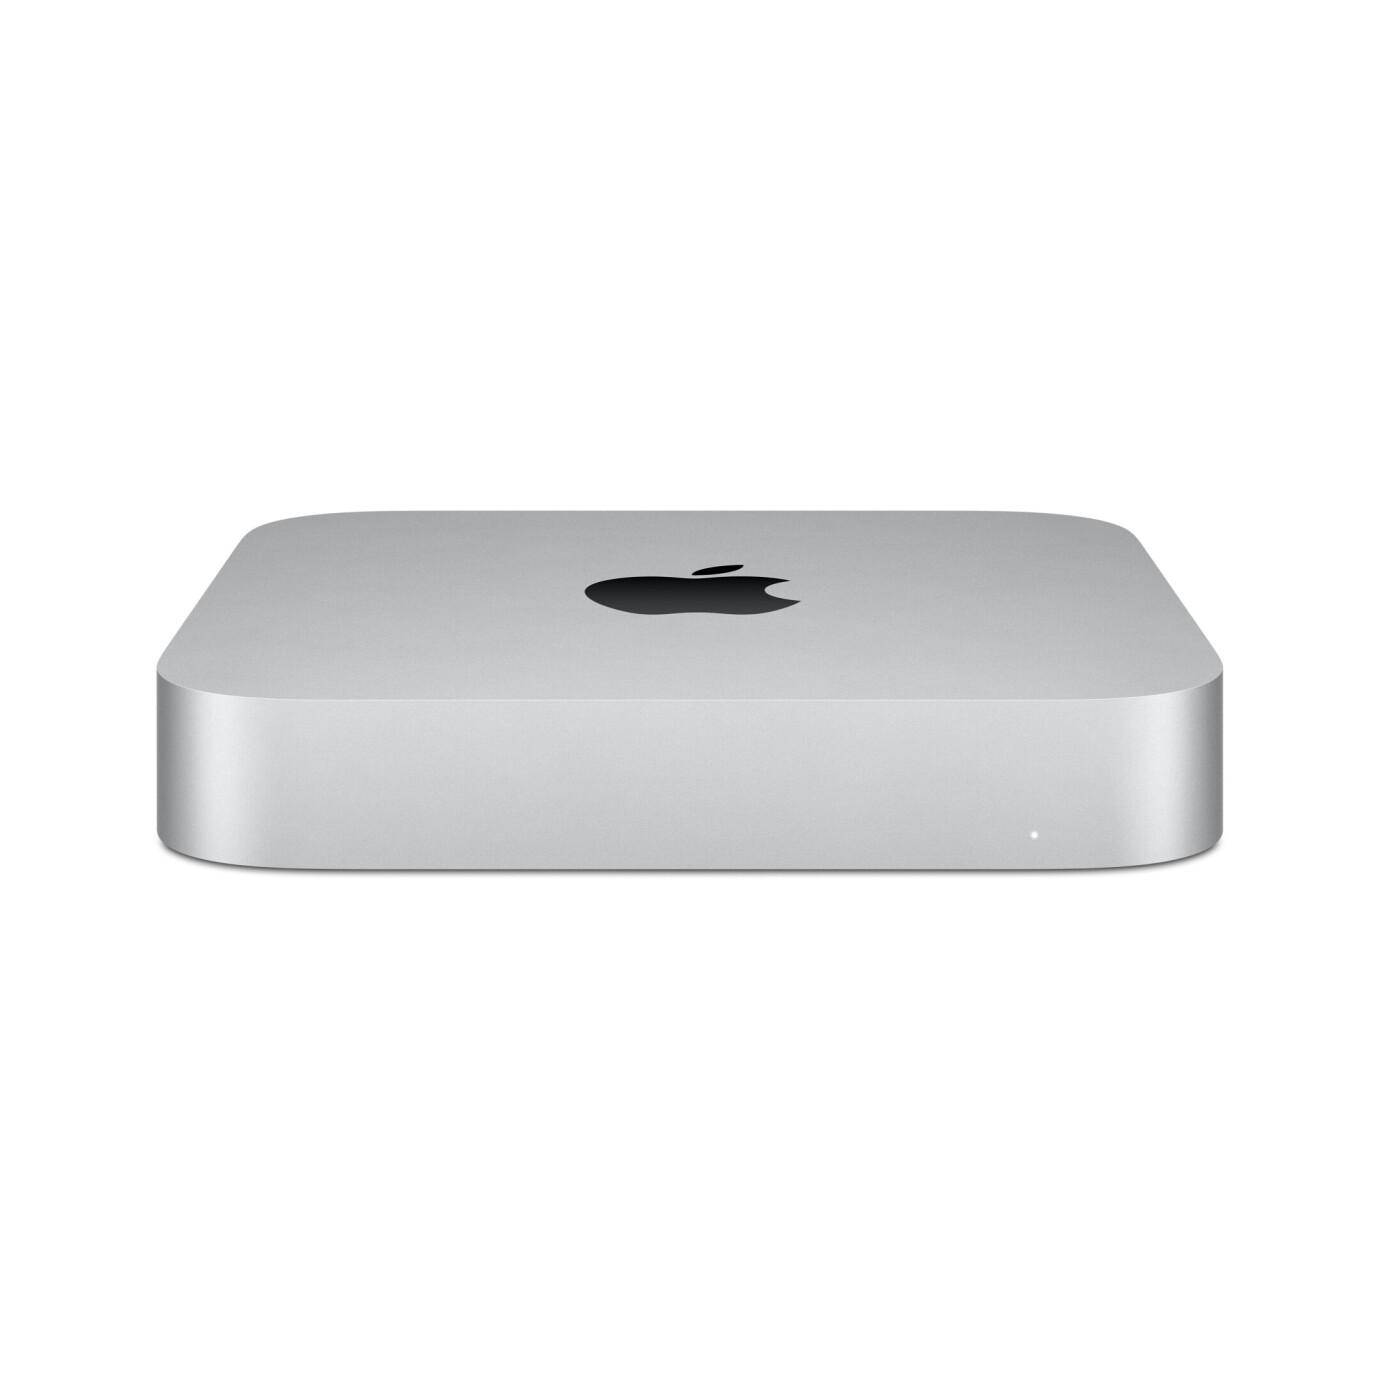 Apple Mac mini M1 8-Core CPU 256 GB Silber